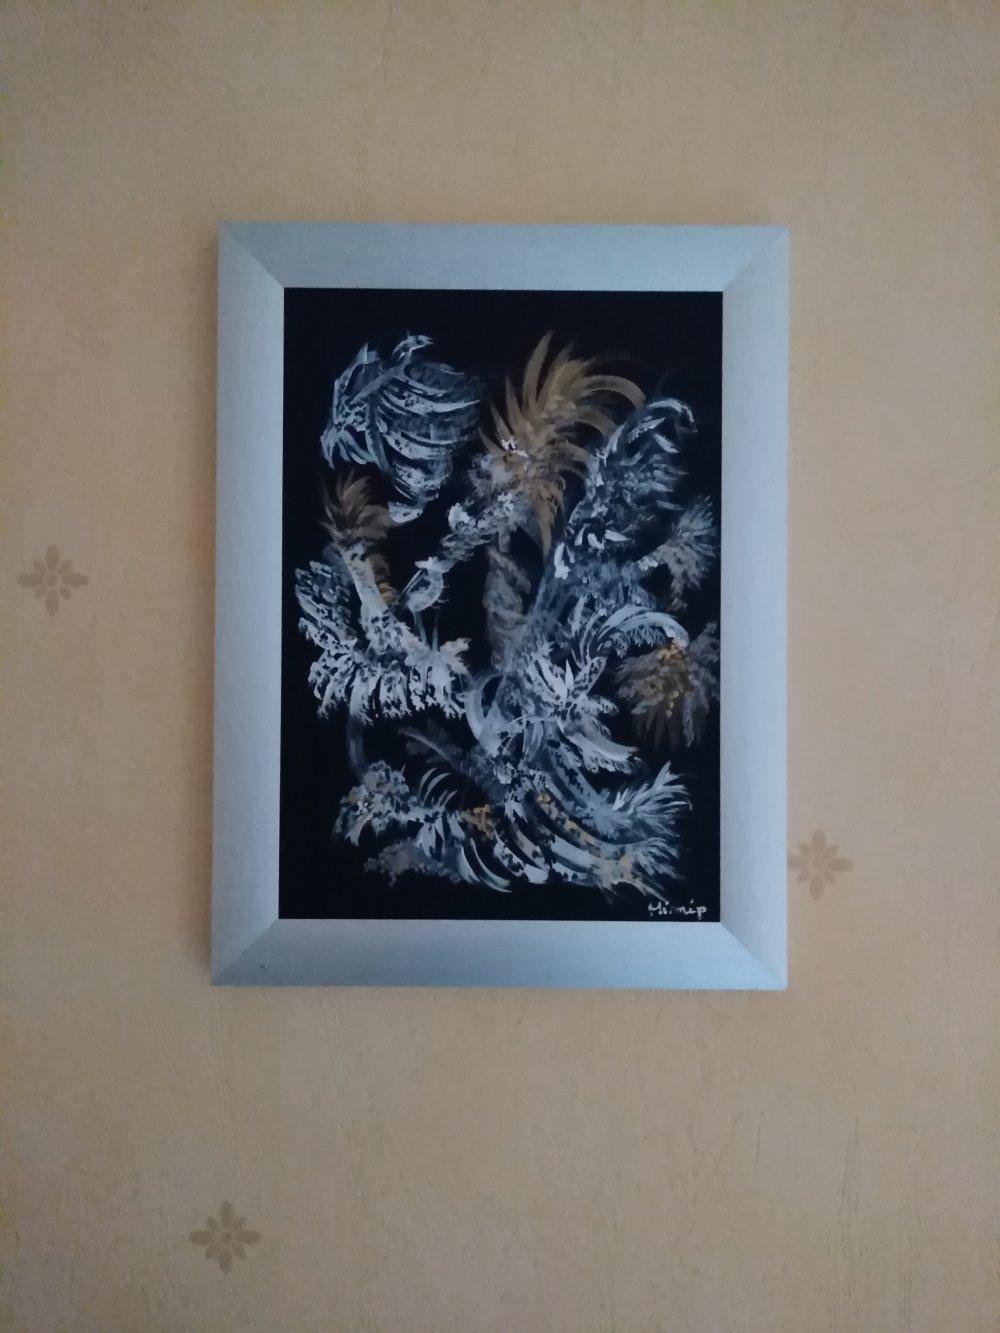 Peinture acrylique, abstraite, intuitive, les deux lions